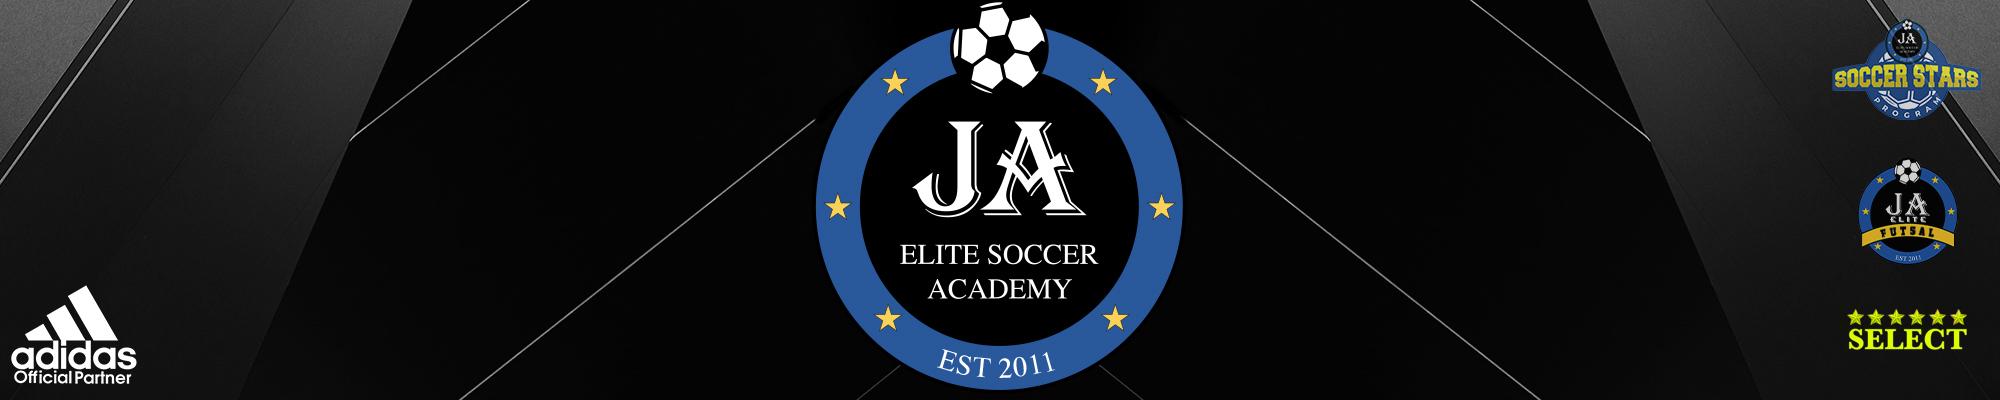 JA Elite Soccer Academy , Soccer, Goal, Field